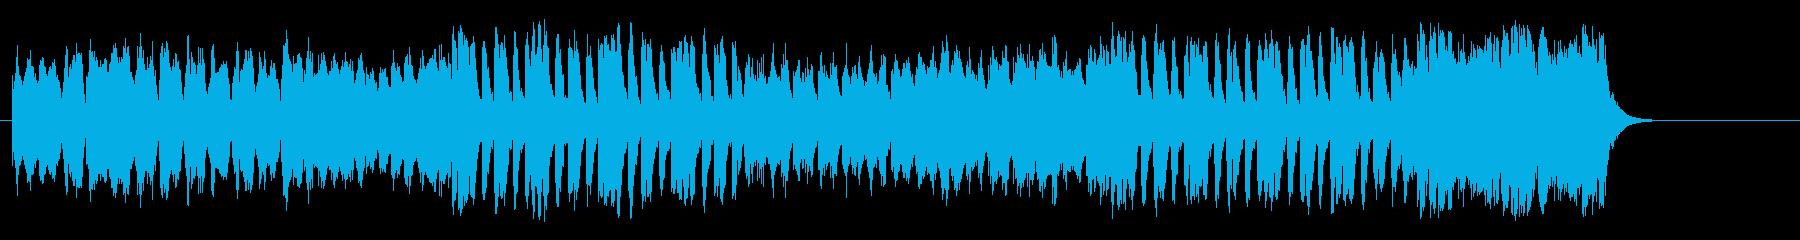 映画サントラ風オーケストラ/ドキュメントの再生済みの波形